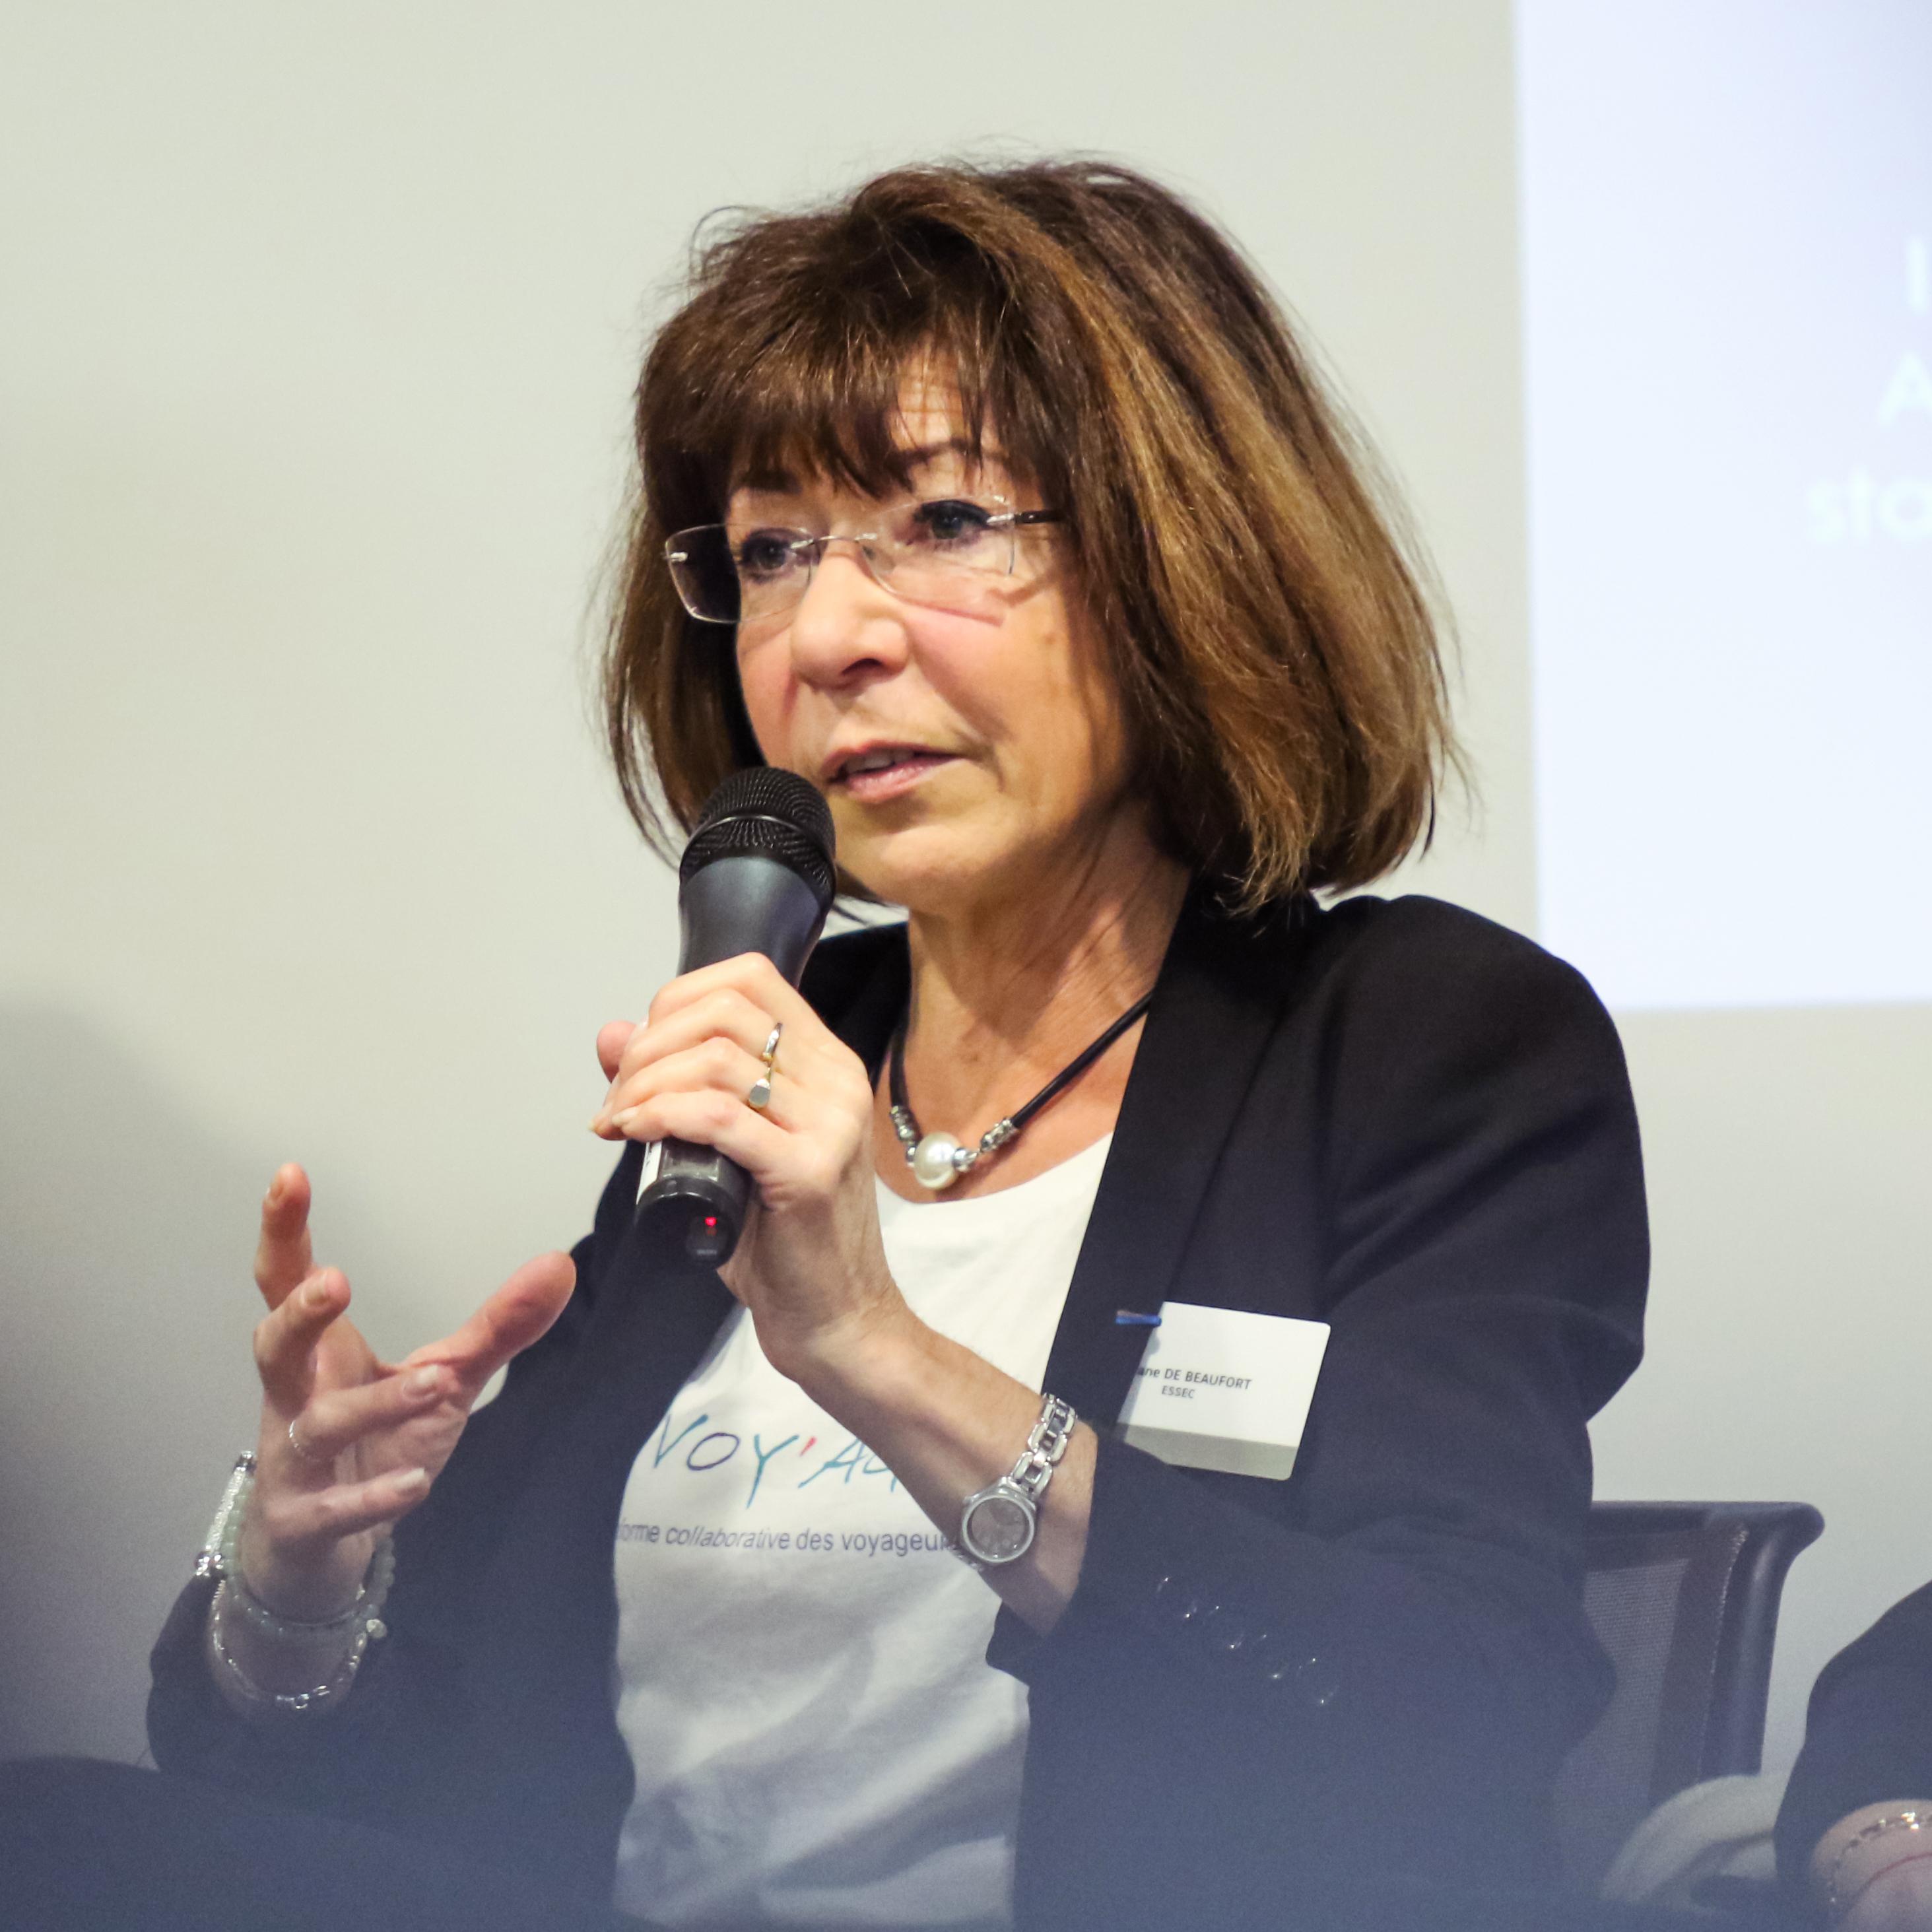 Viviane De Beaufort, Présidente